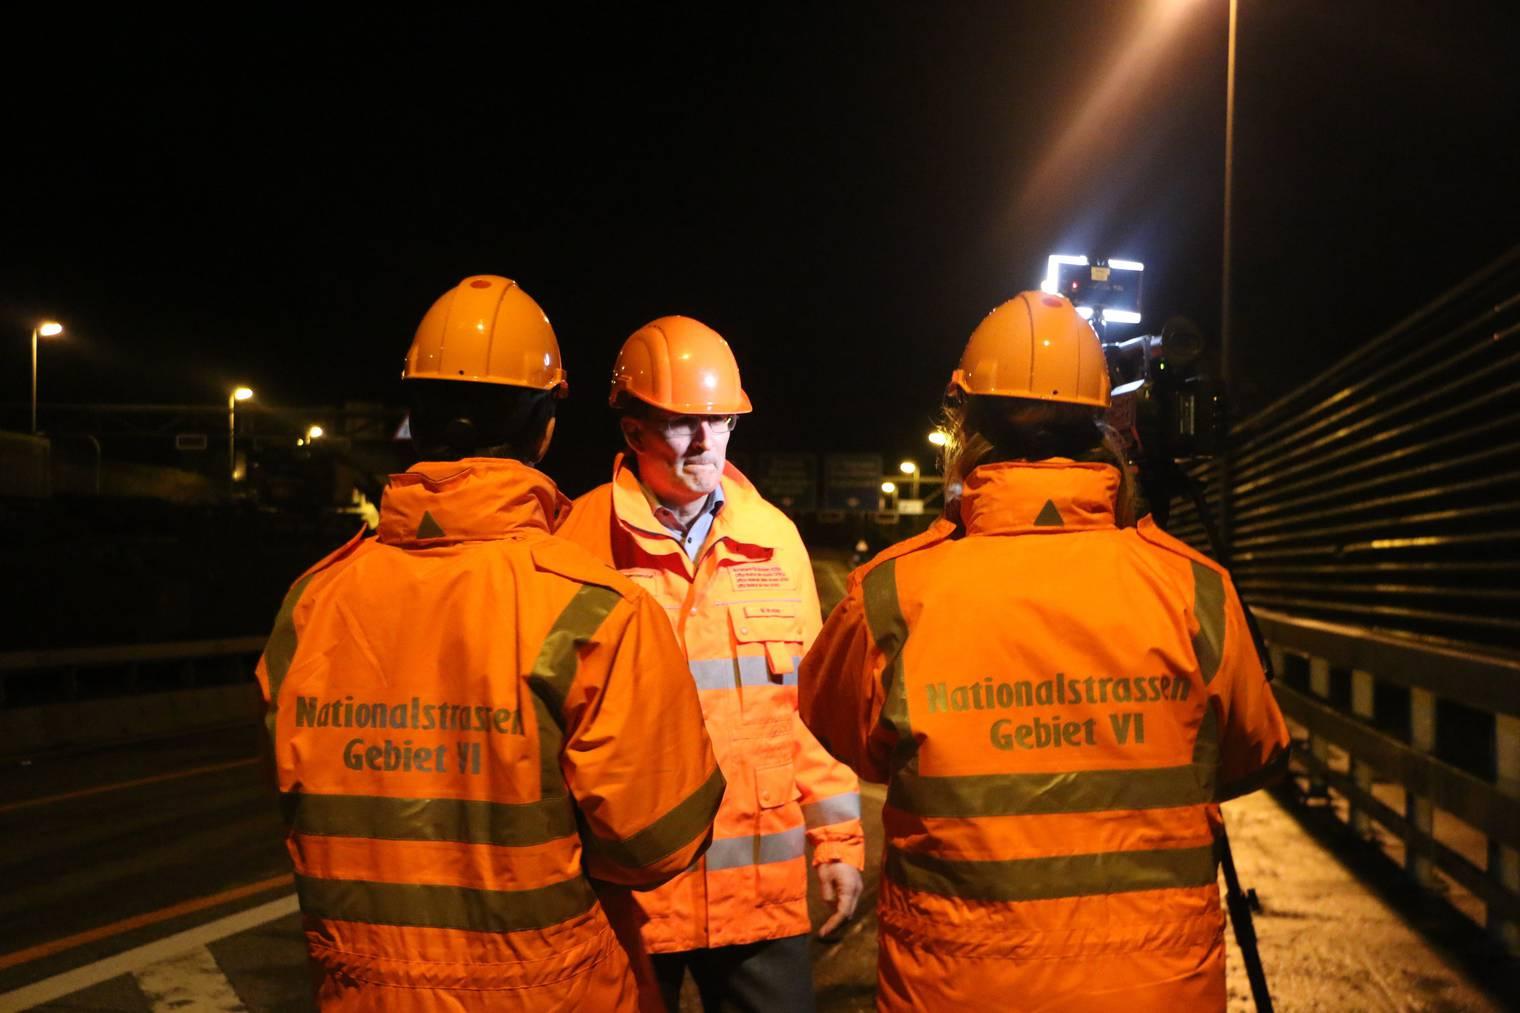 Markus Weber, Projektleiter beim Astra, ist zuversichtlich, dass die Arbeiten ohne Verkehrskollaps durchgeführt werden können. (Bild: FM1Today/Nina Müller)